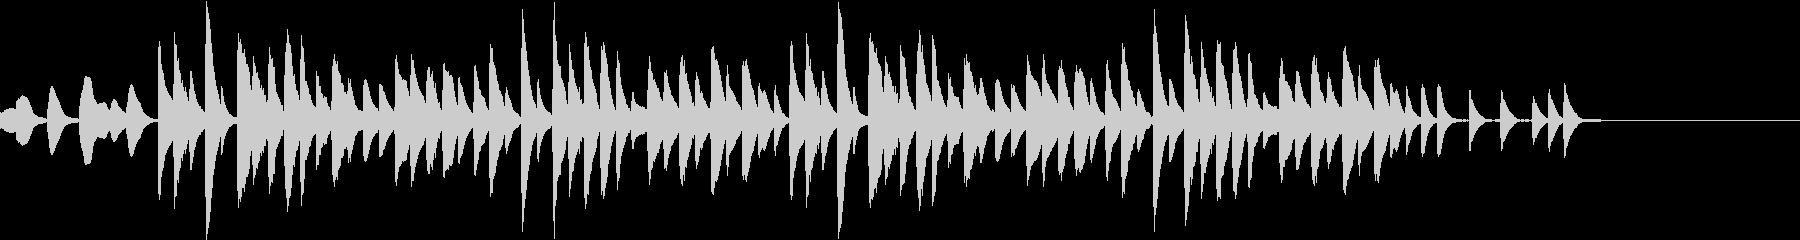 マリンバ ミニマル コミカル ジングルの未再生の波形